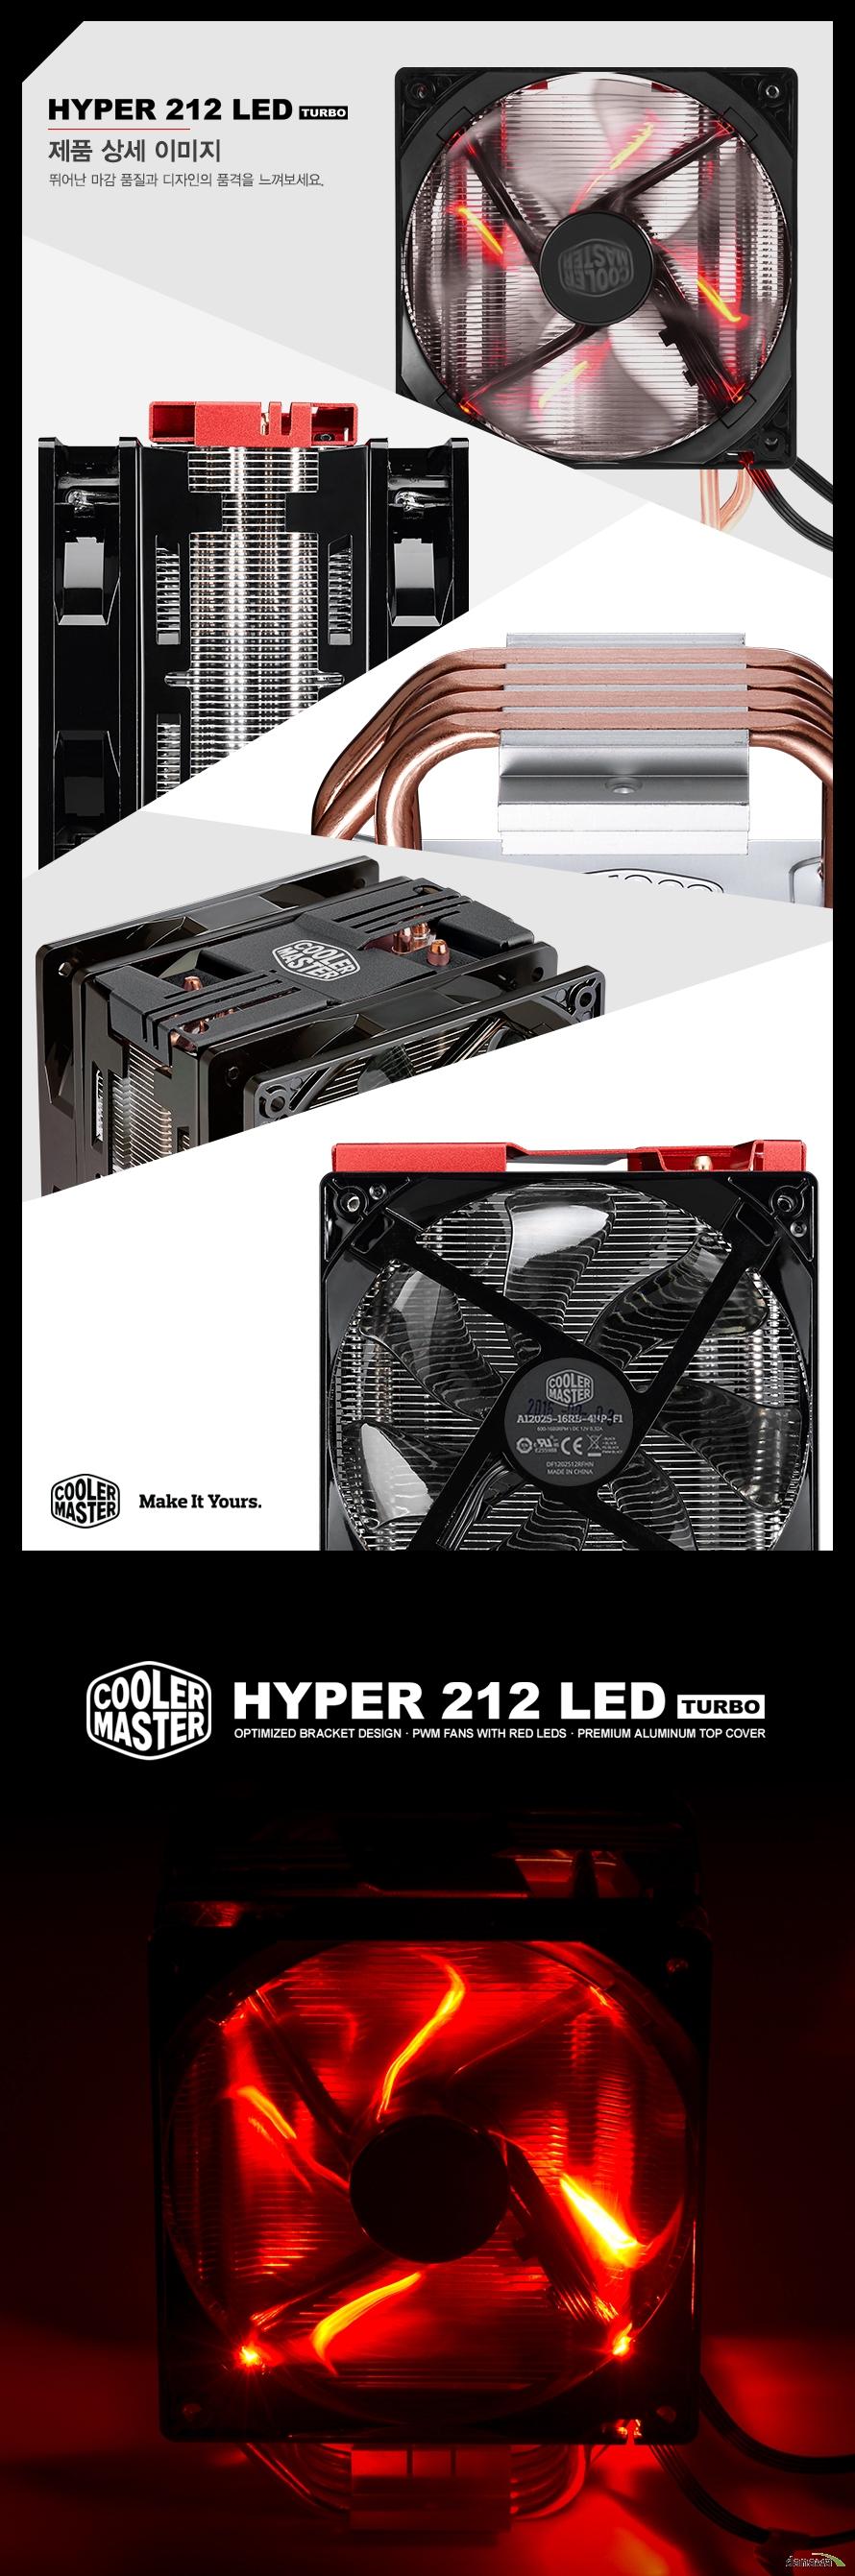 HYPER 212 LED TURBO 제품 상세 이미지뛰어난 마감 품질과 디자인의 품격을 느껴보세요.